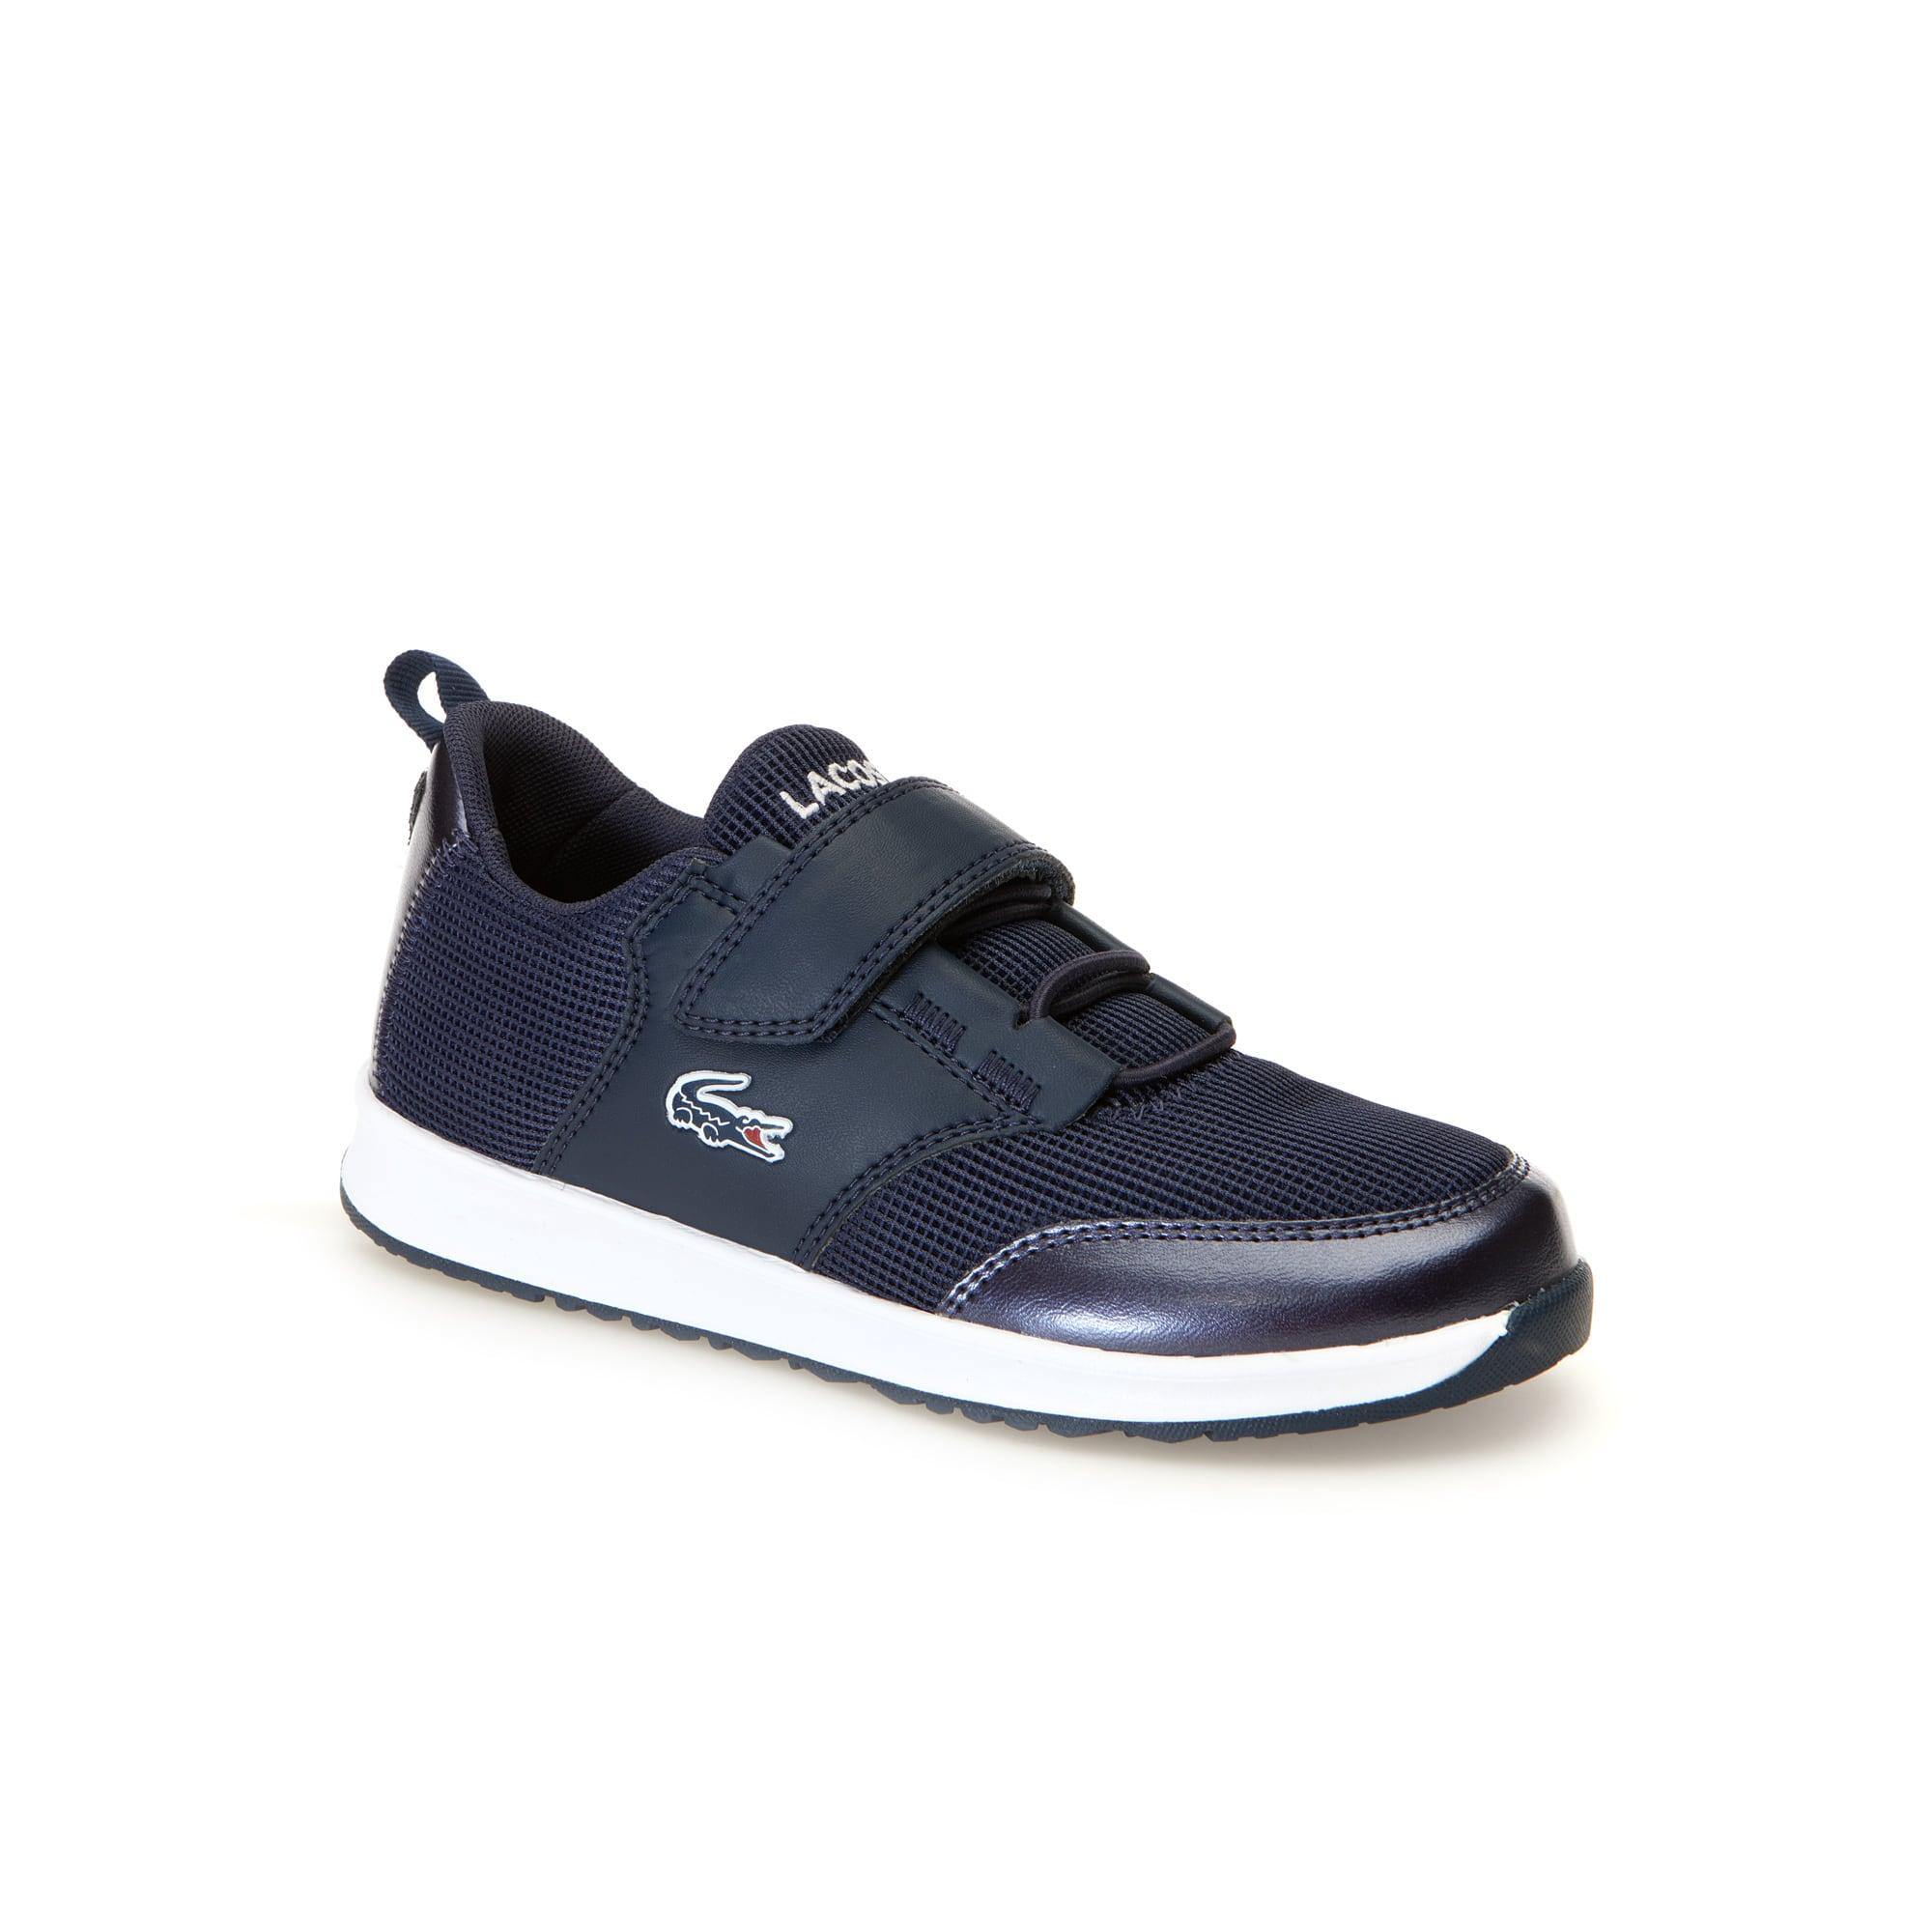 Sneakers L.ight Metallic enfant en textile et synthétique